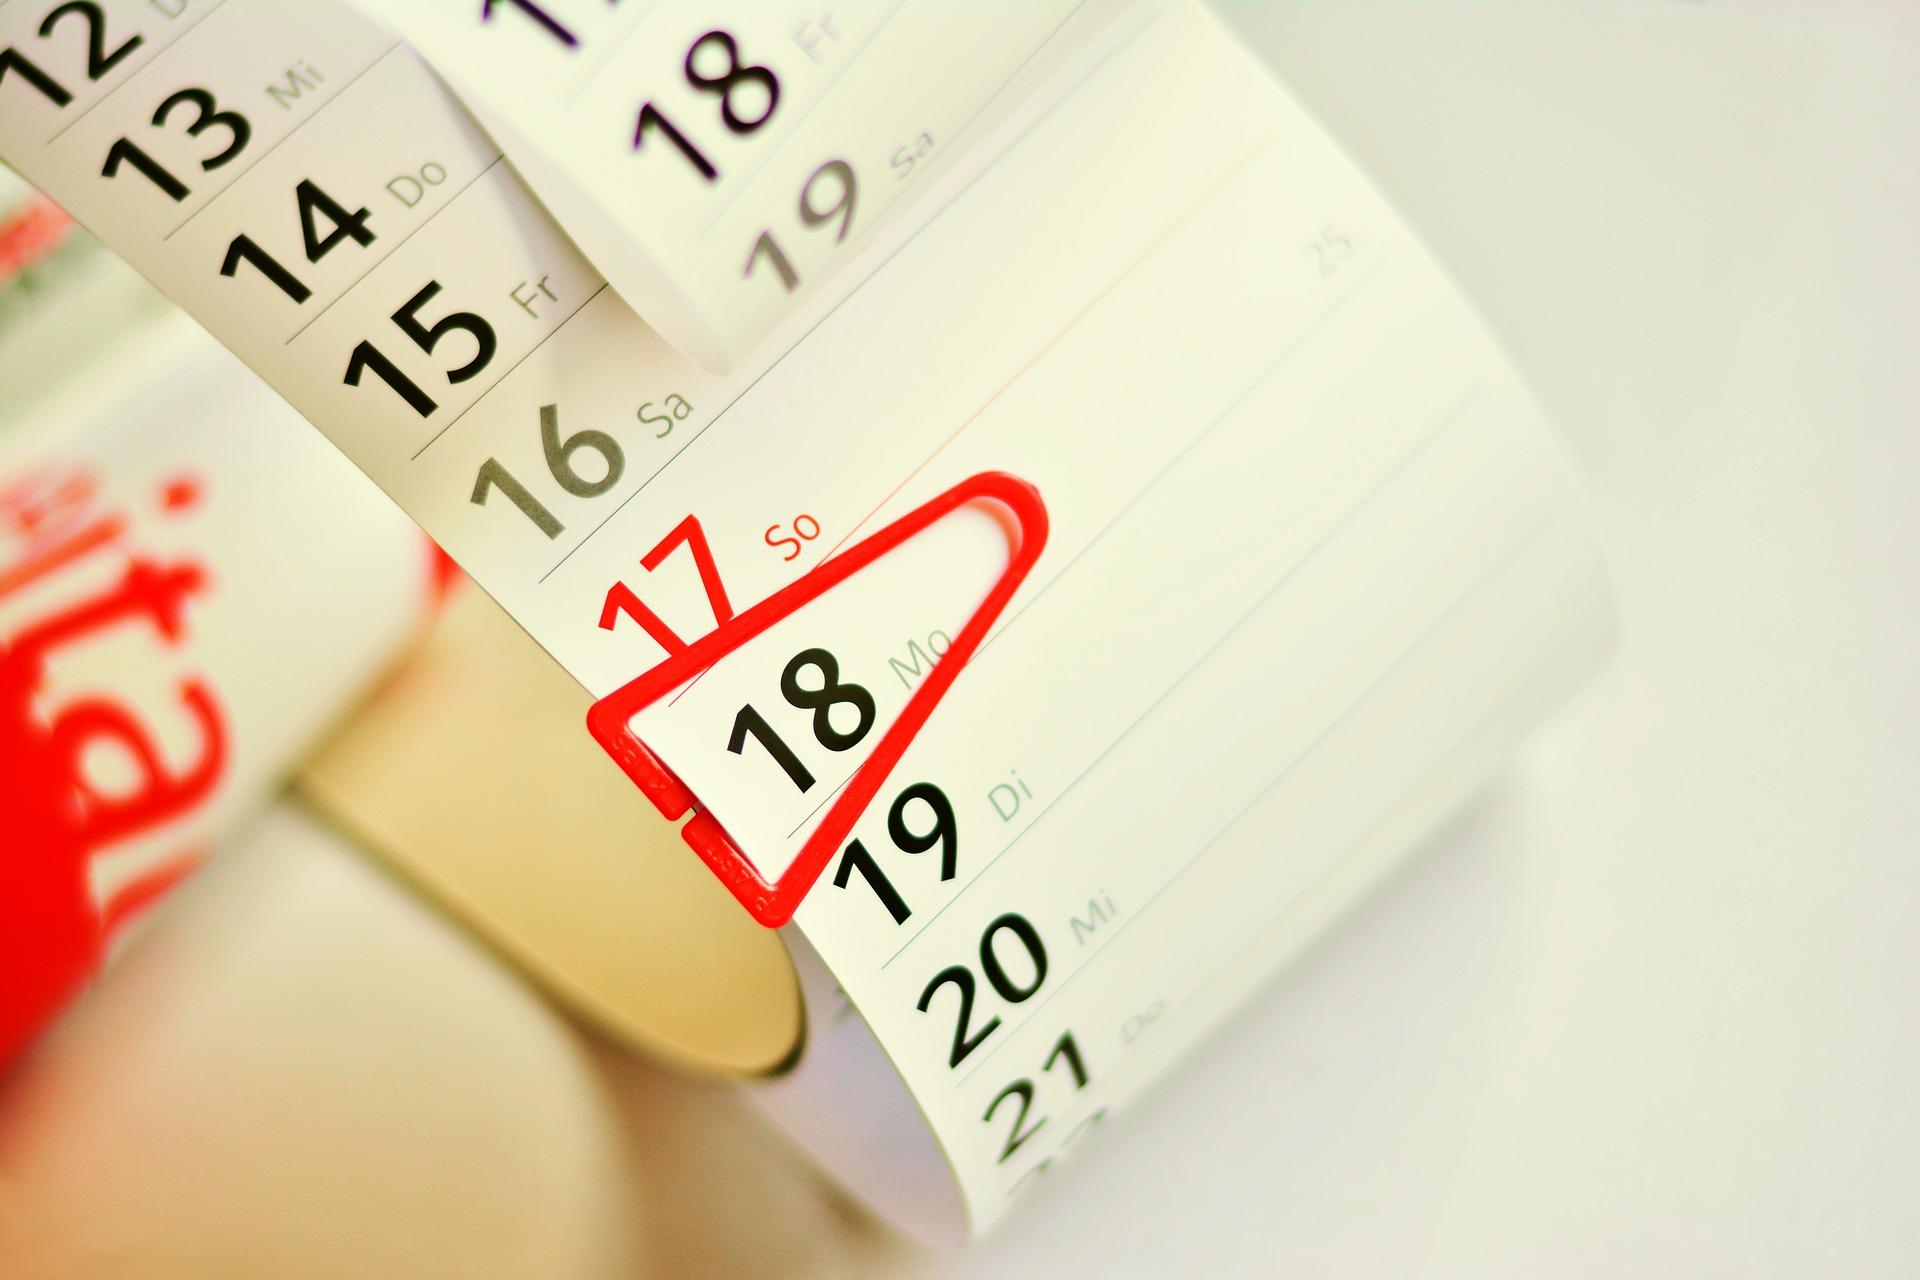 SVG, который показывает актуальную дату